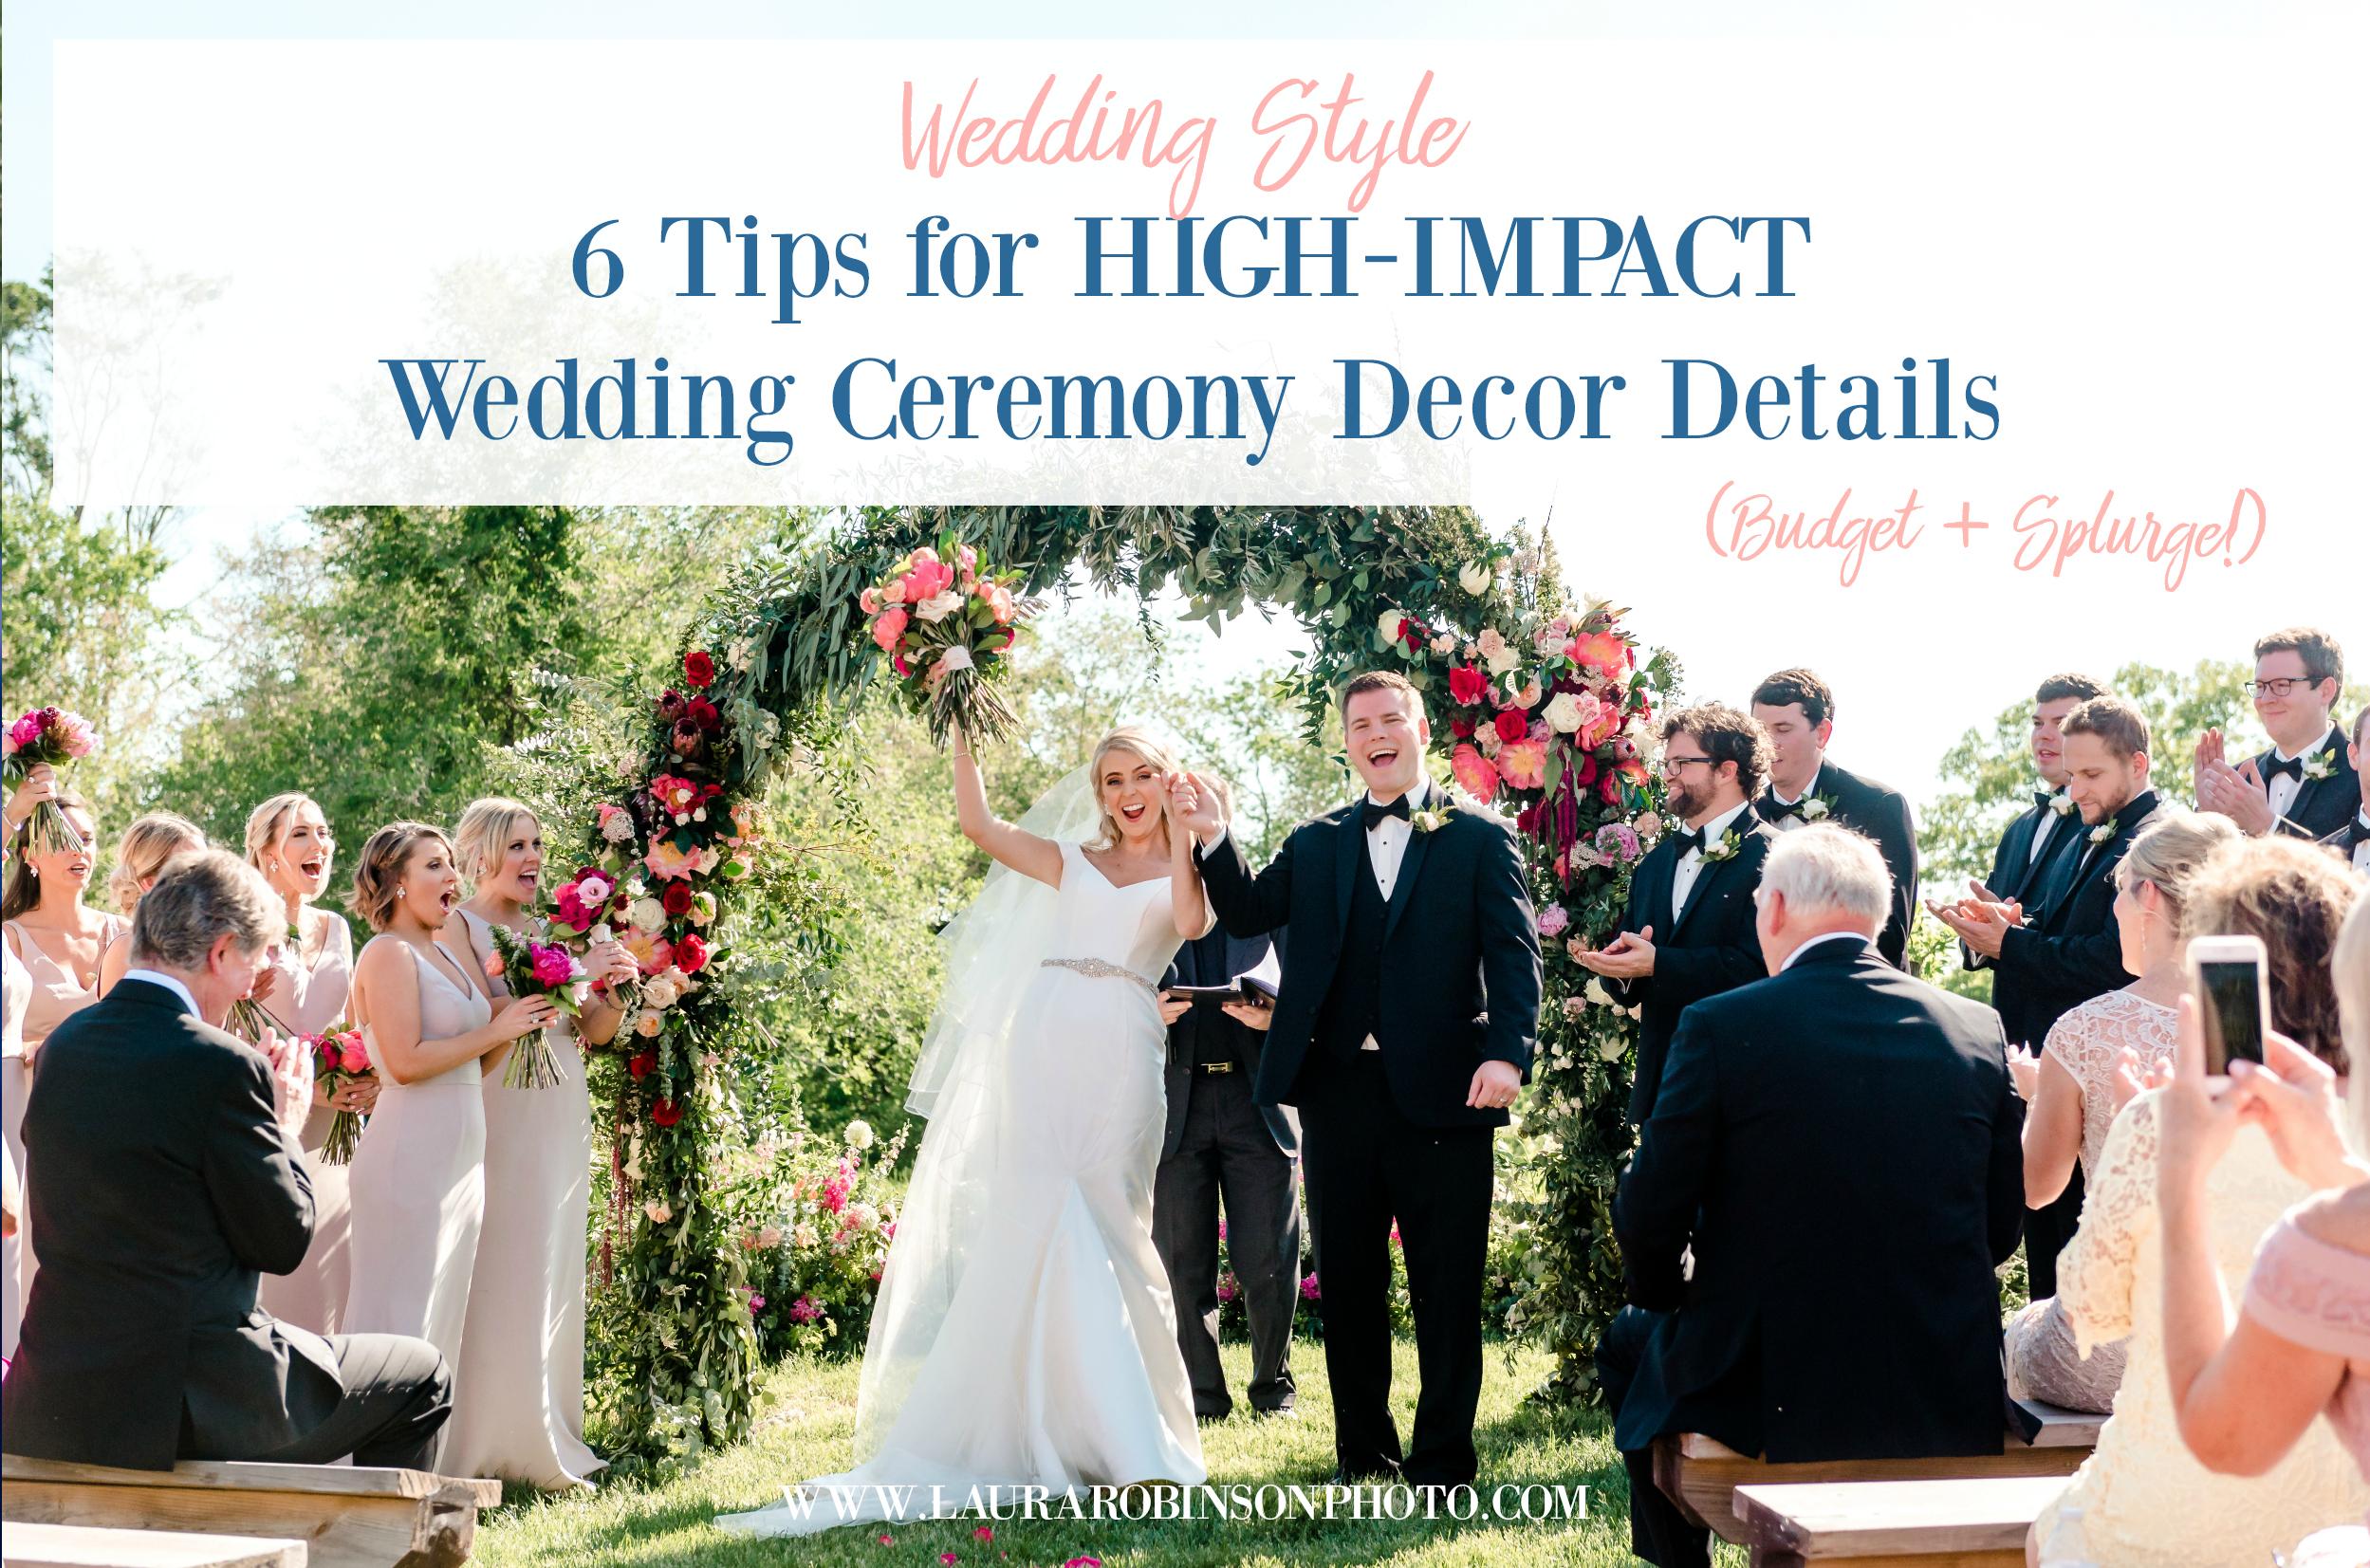 24 wedding unity ceremony